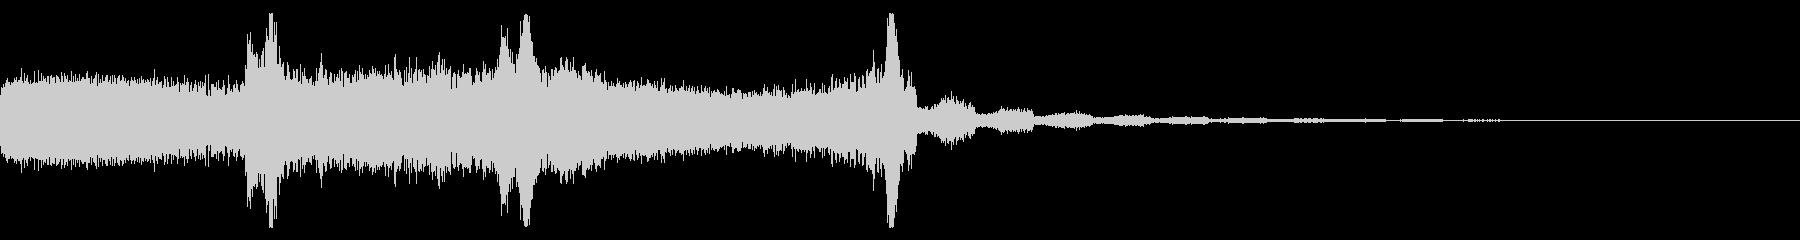 FMラジオ的ジングル14の未再生の波形